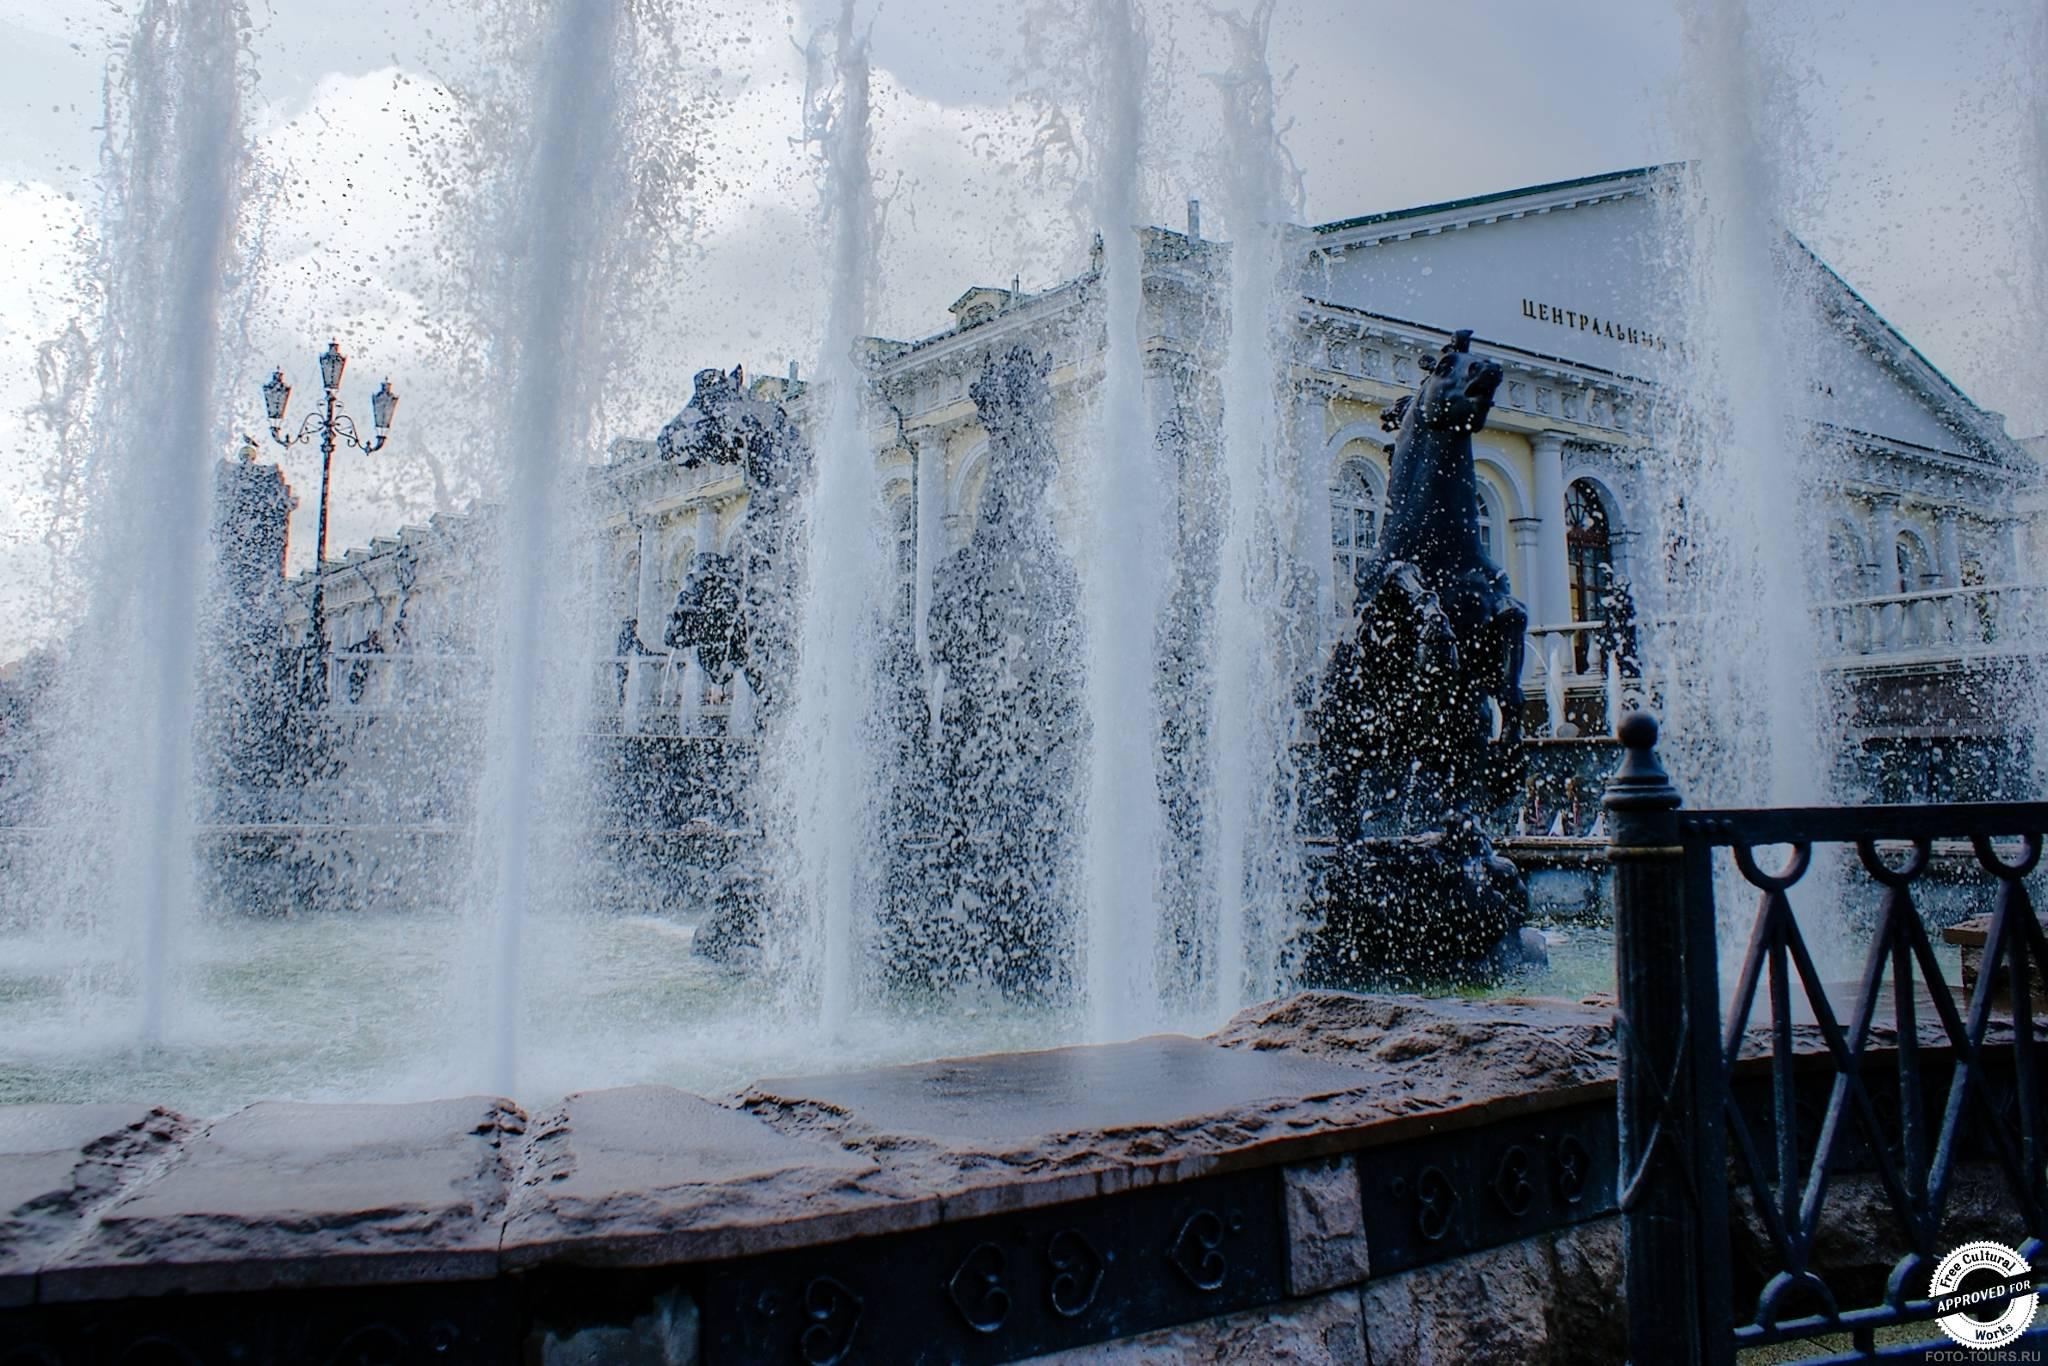 Искусственное русло Неглинки в Александровском Саде, Москва, Россия.